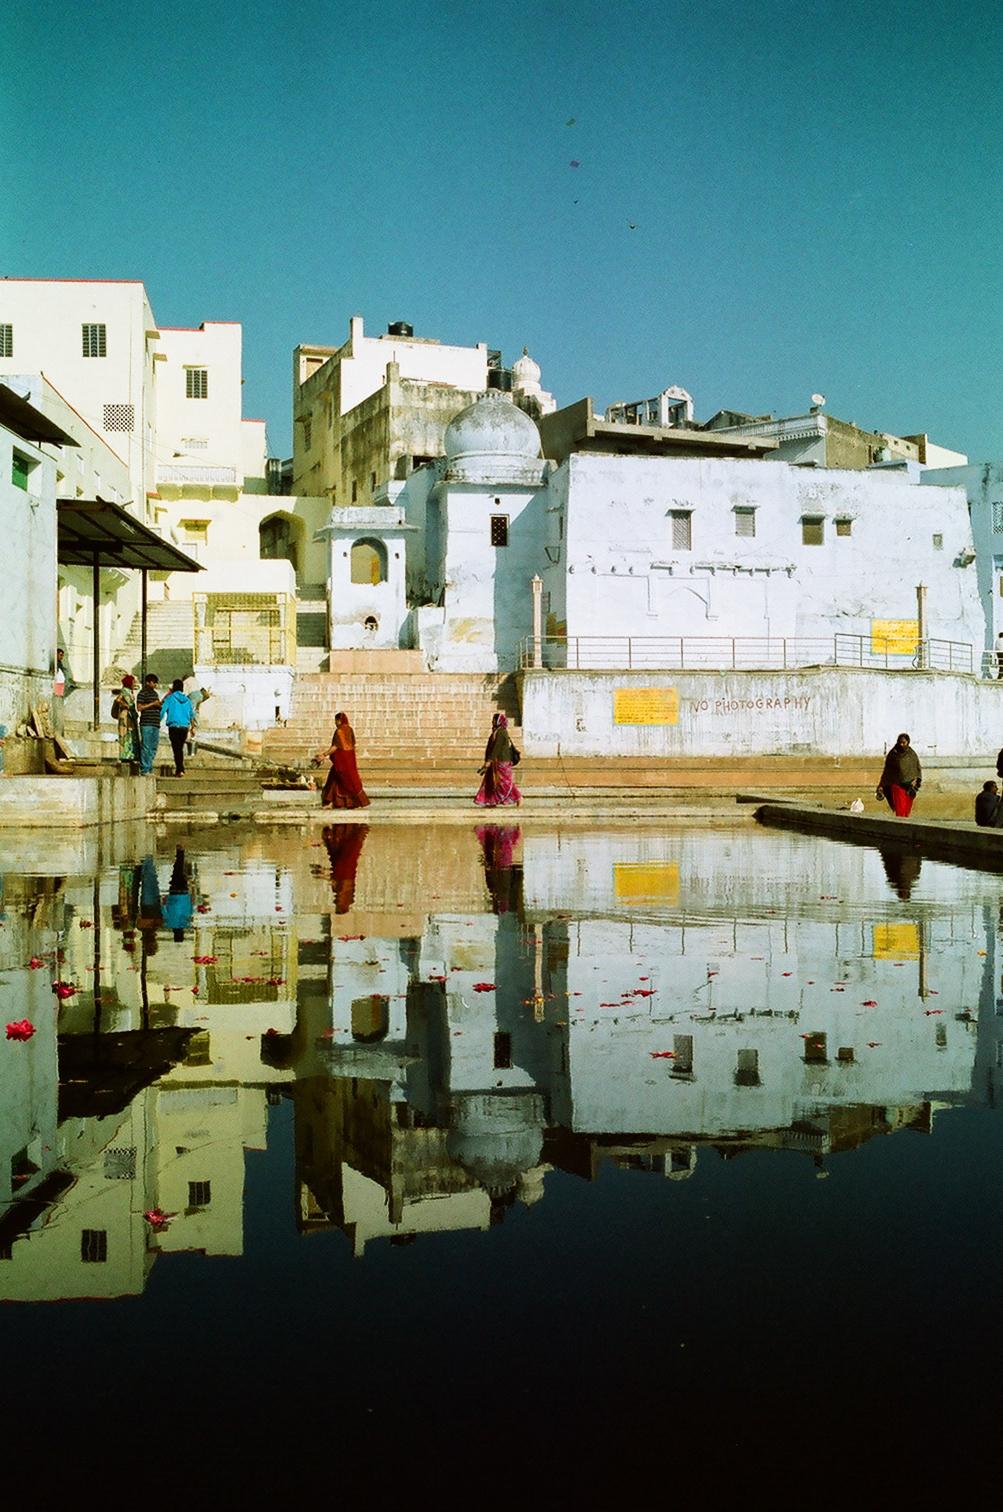 Pushkar, Rajasthan, 2013